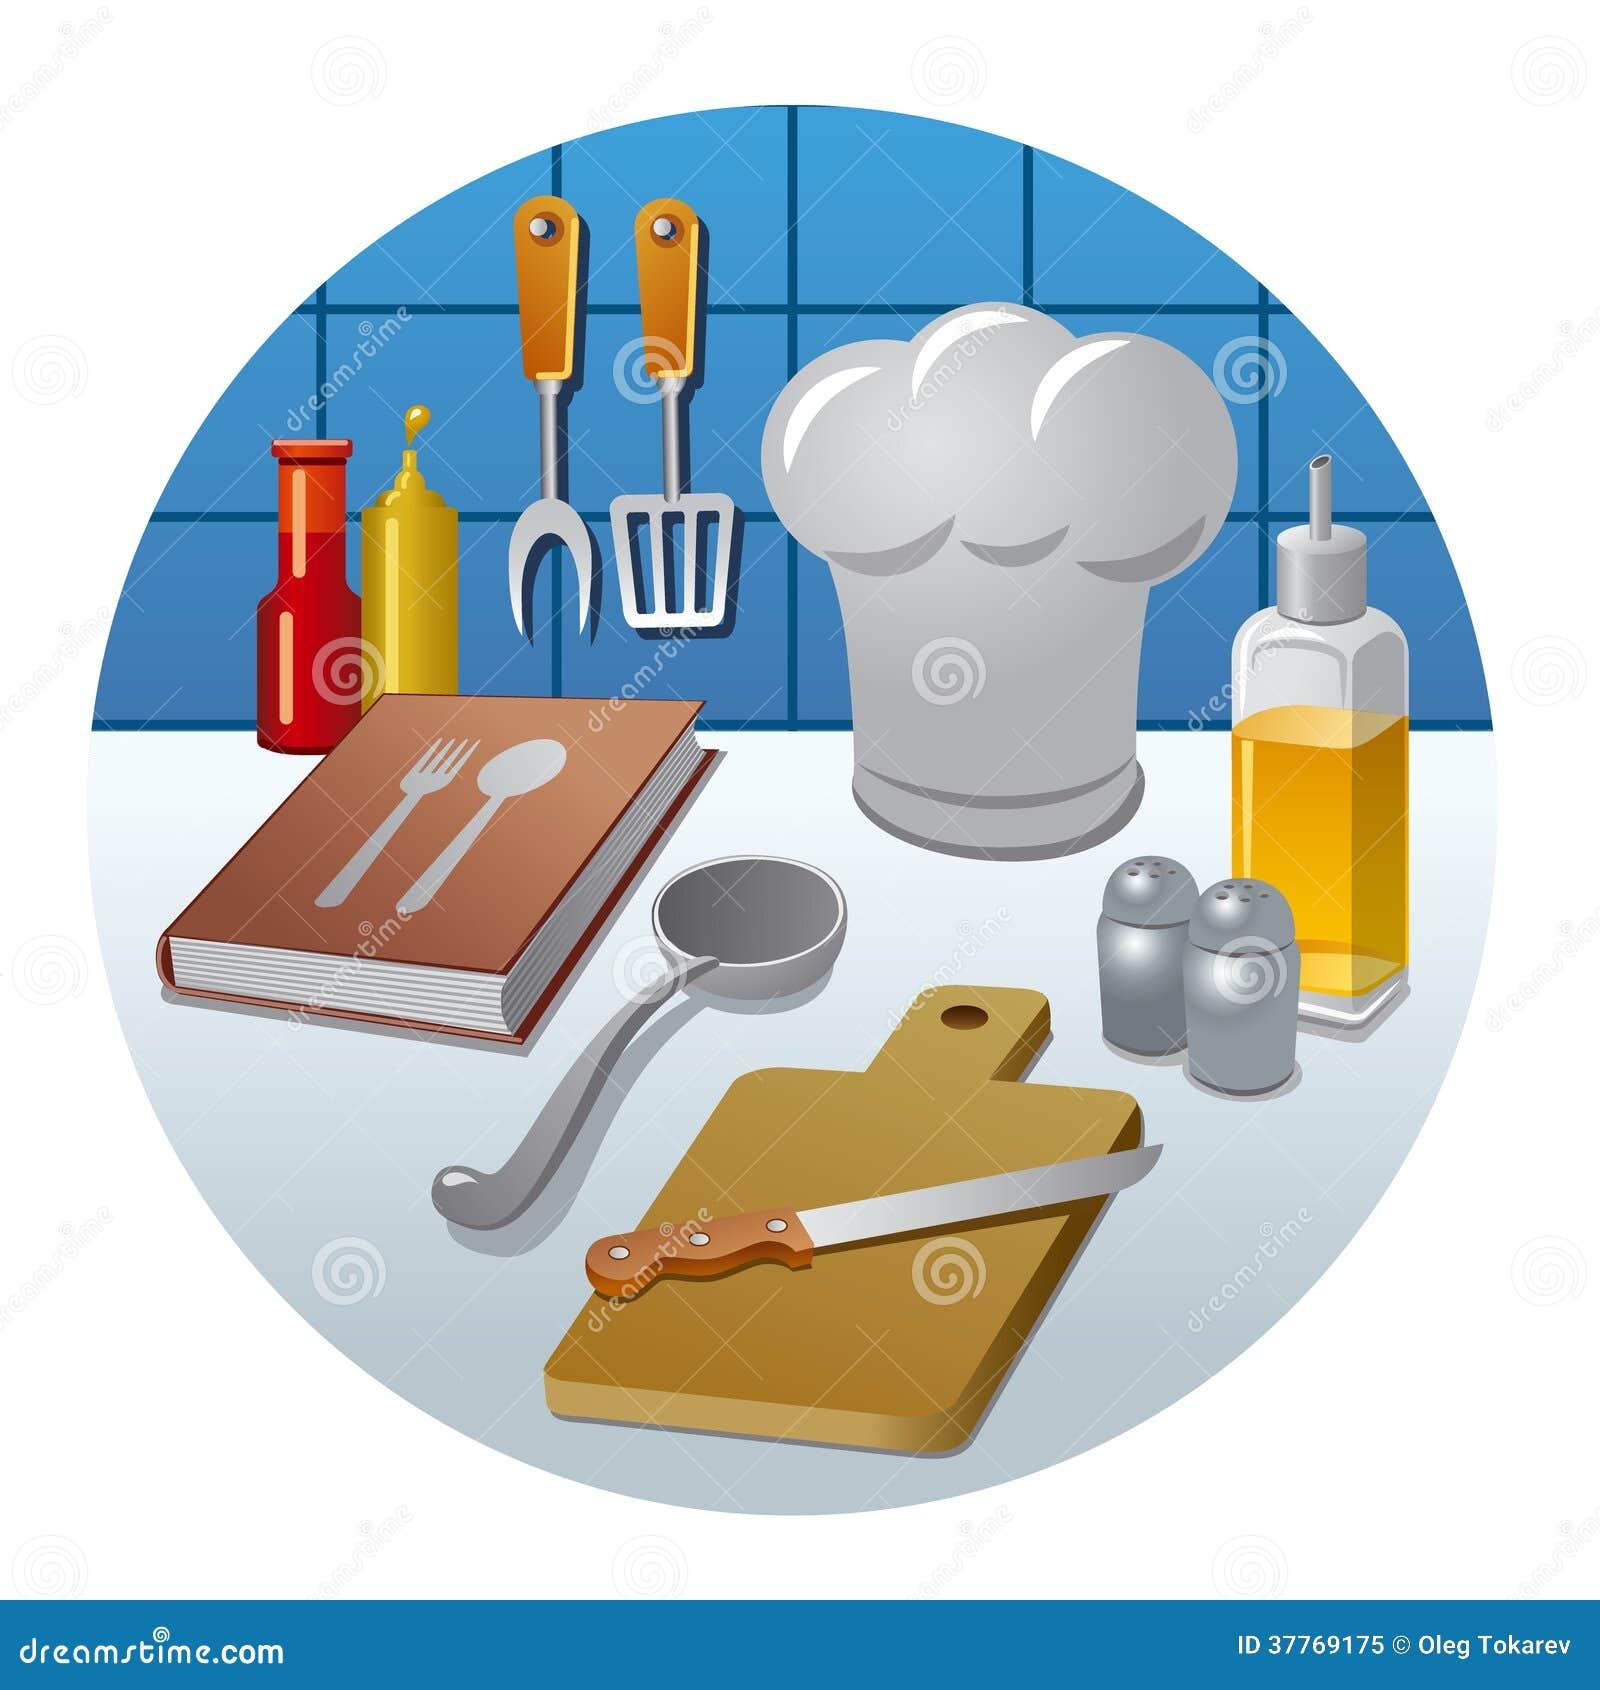 Kitchen knife icon